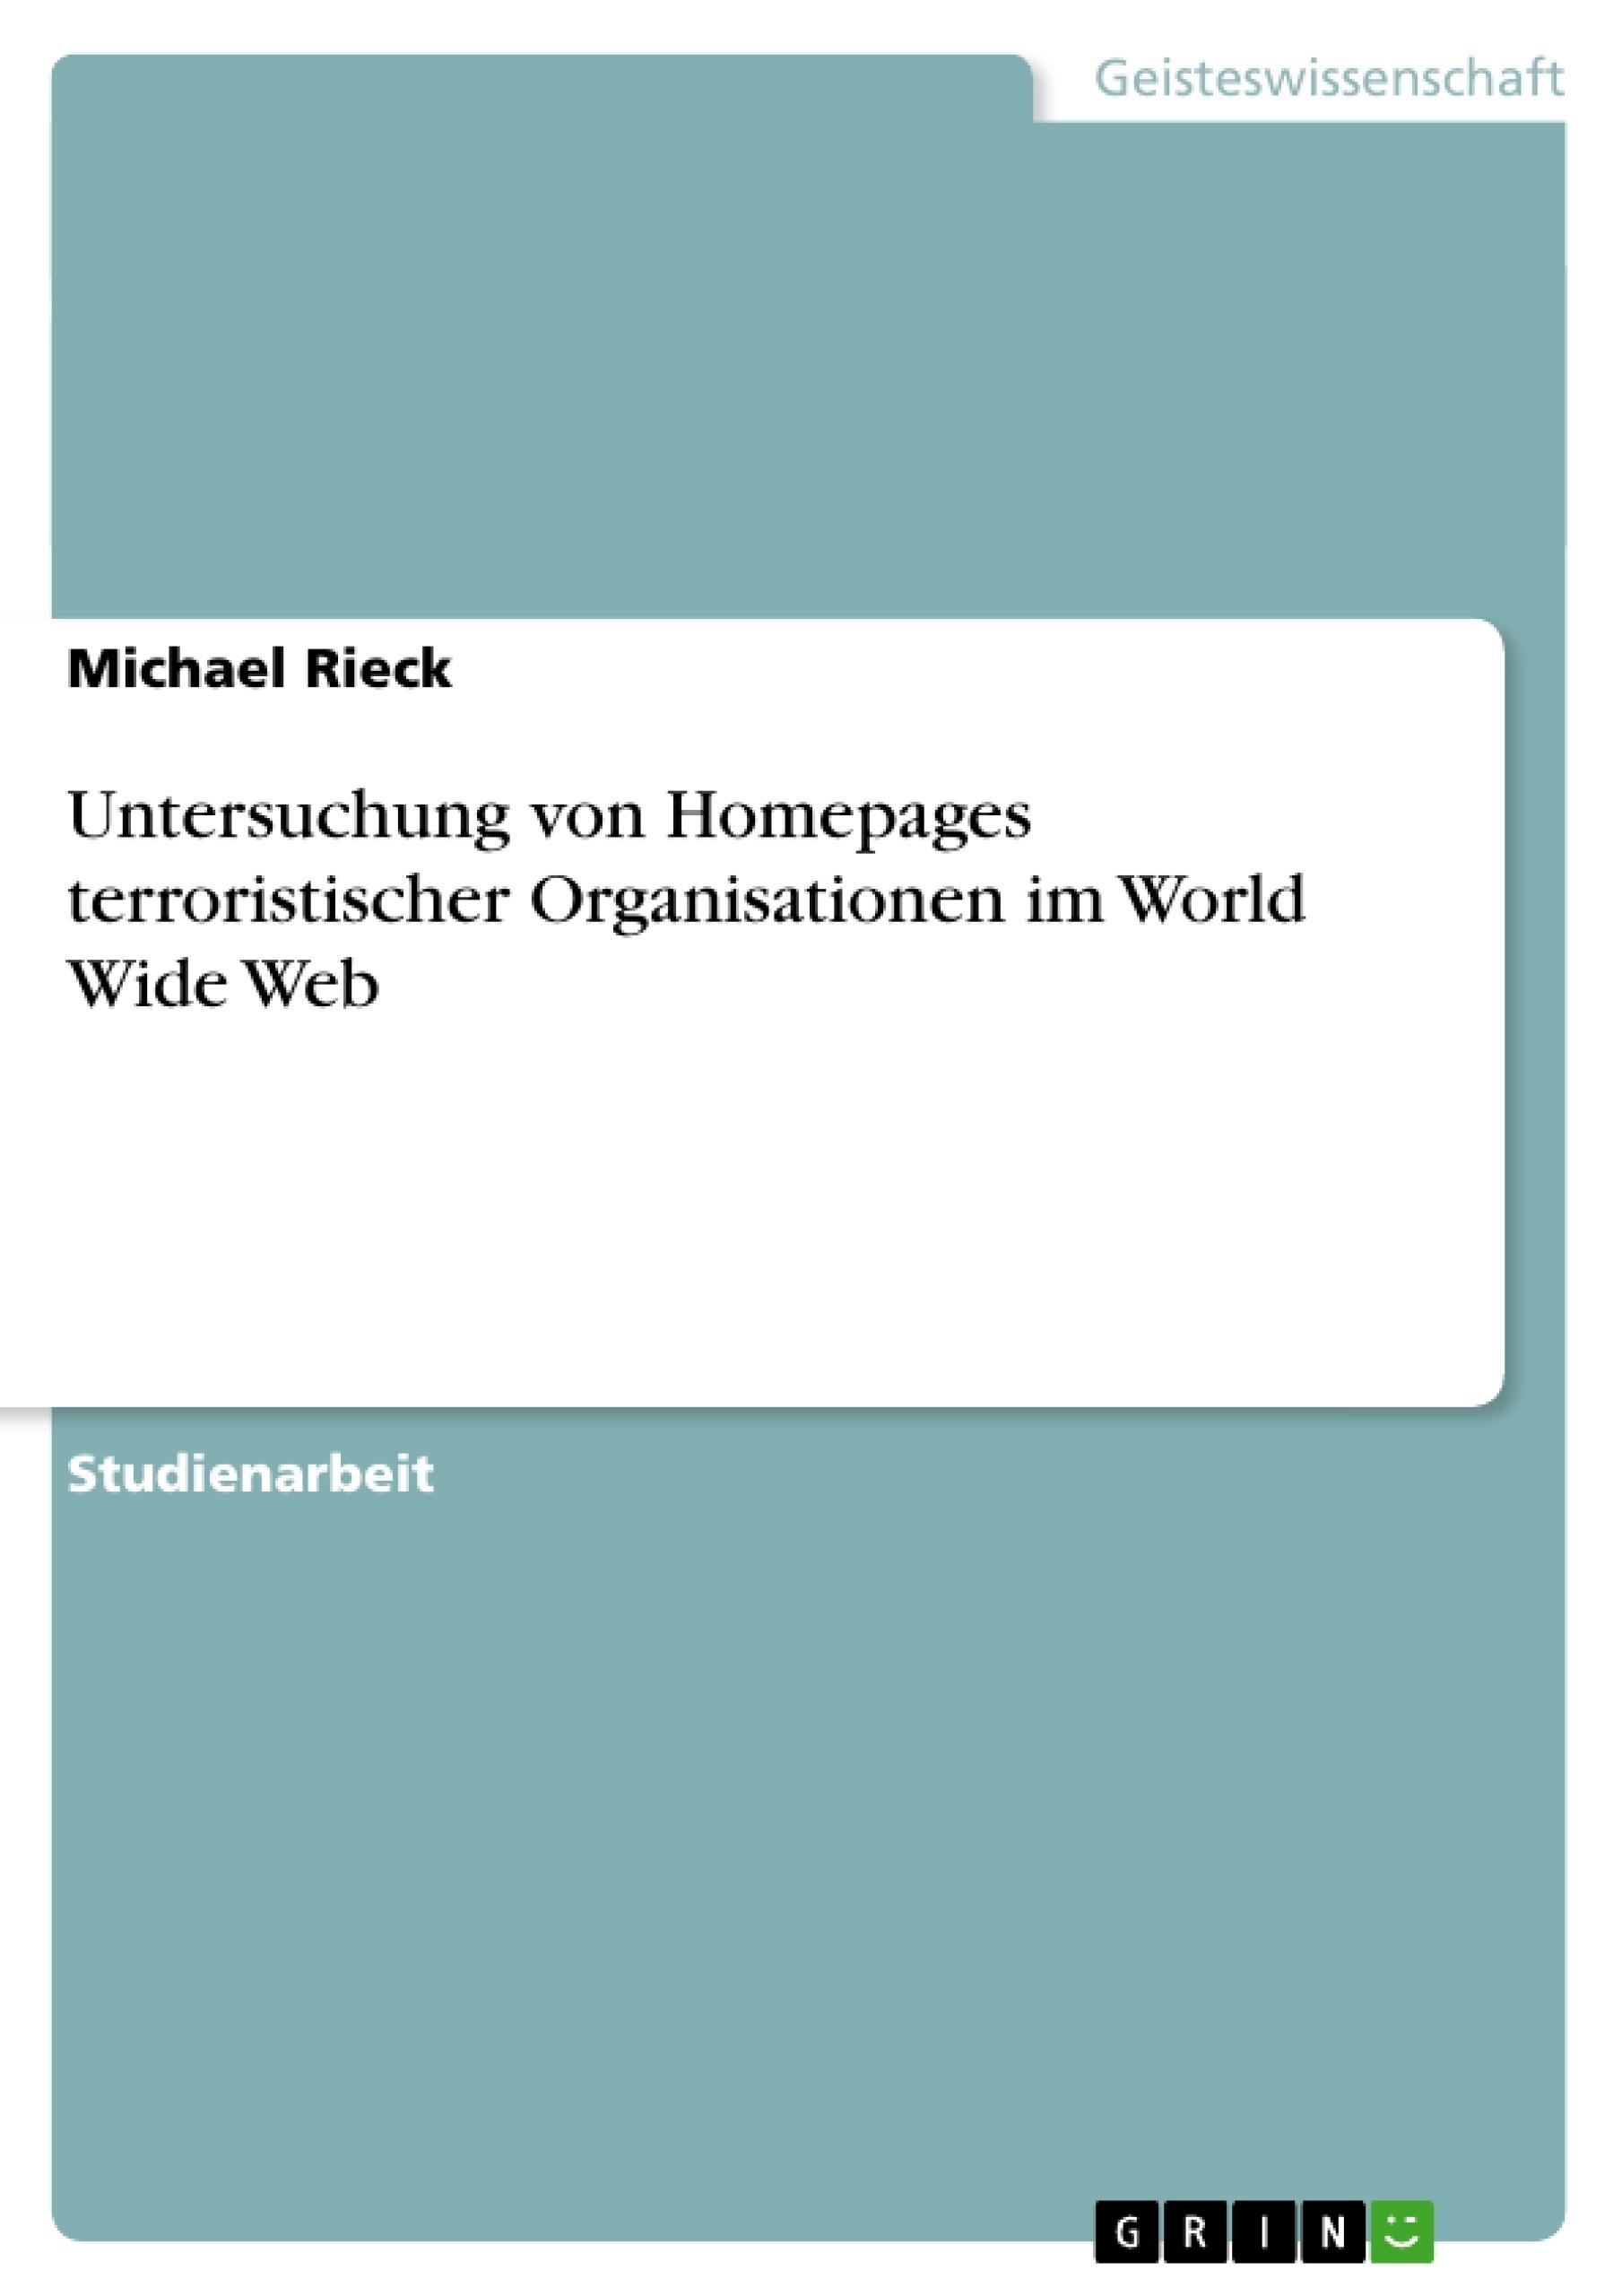 Titel: Untersuchung von Homepages terroristischer Organisationen im World Wide Web